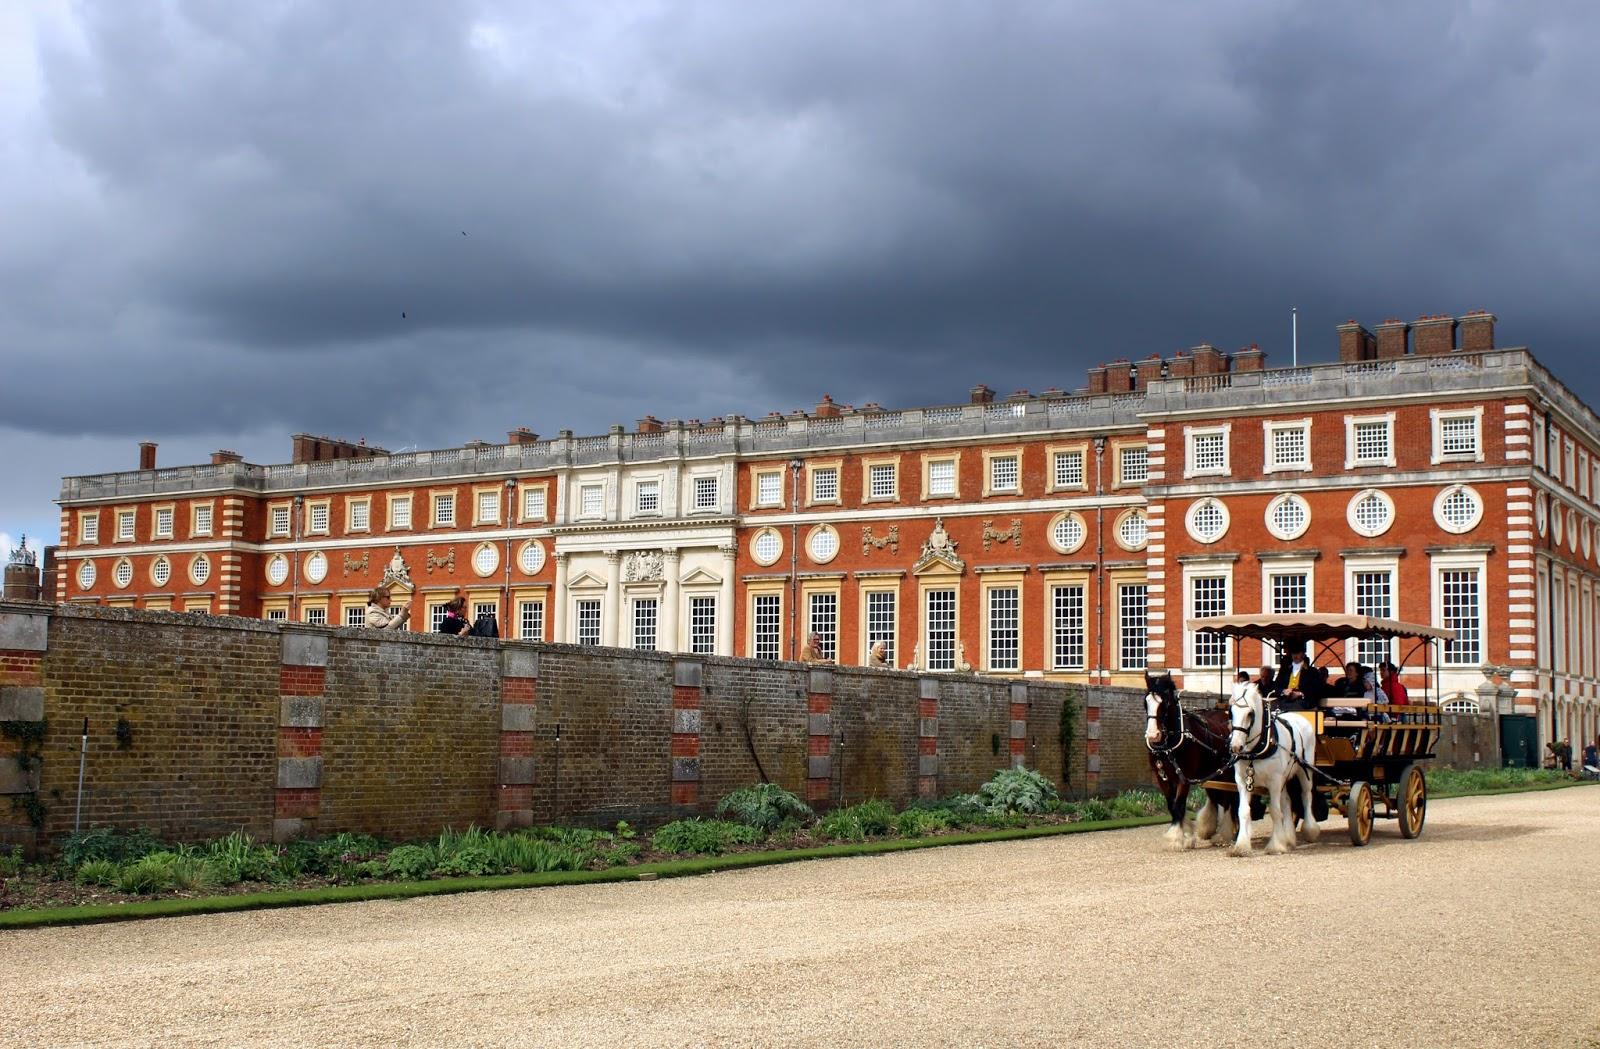 Garden grounds at Hampton Court Palace, Horse and Cart, Carriage